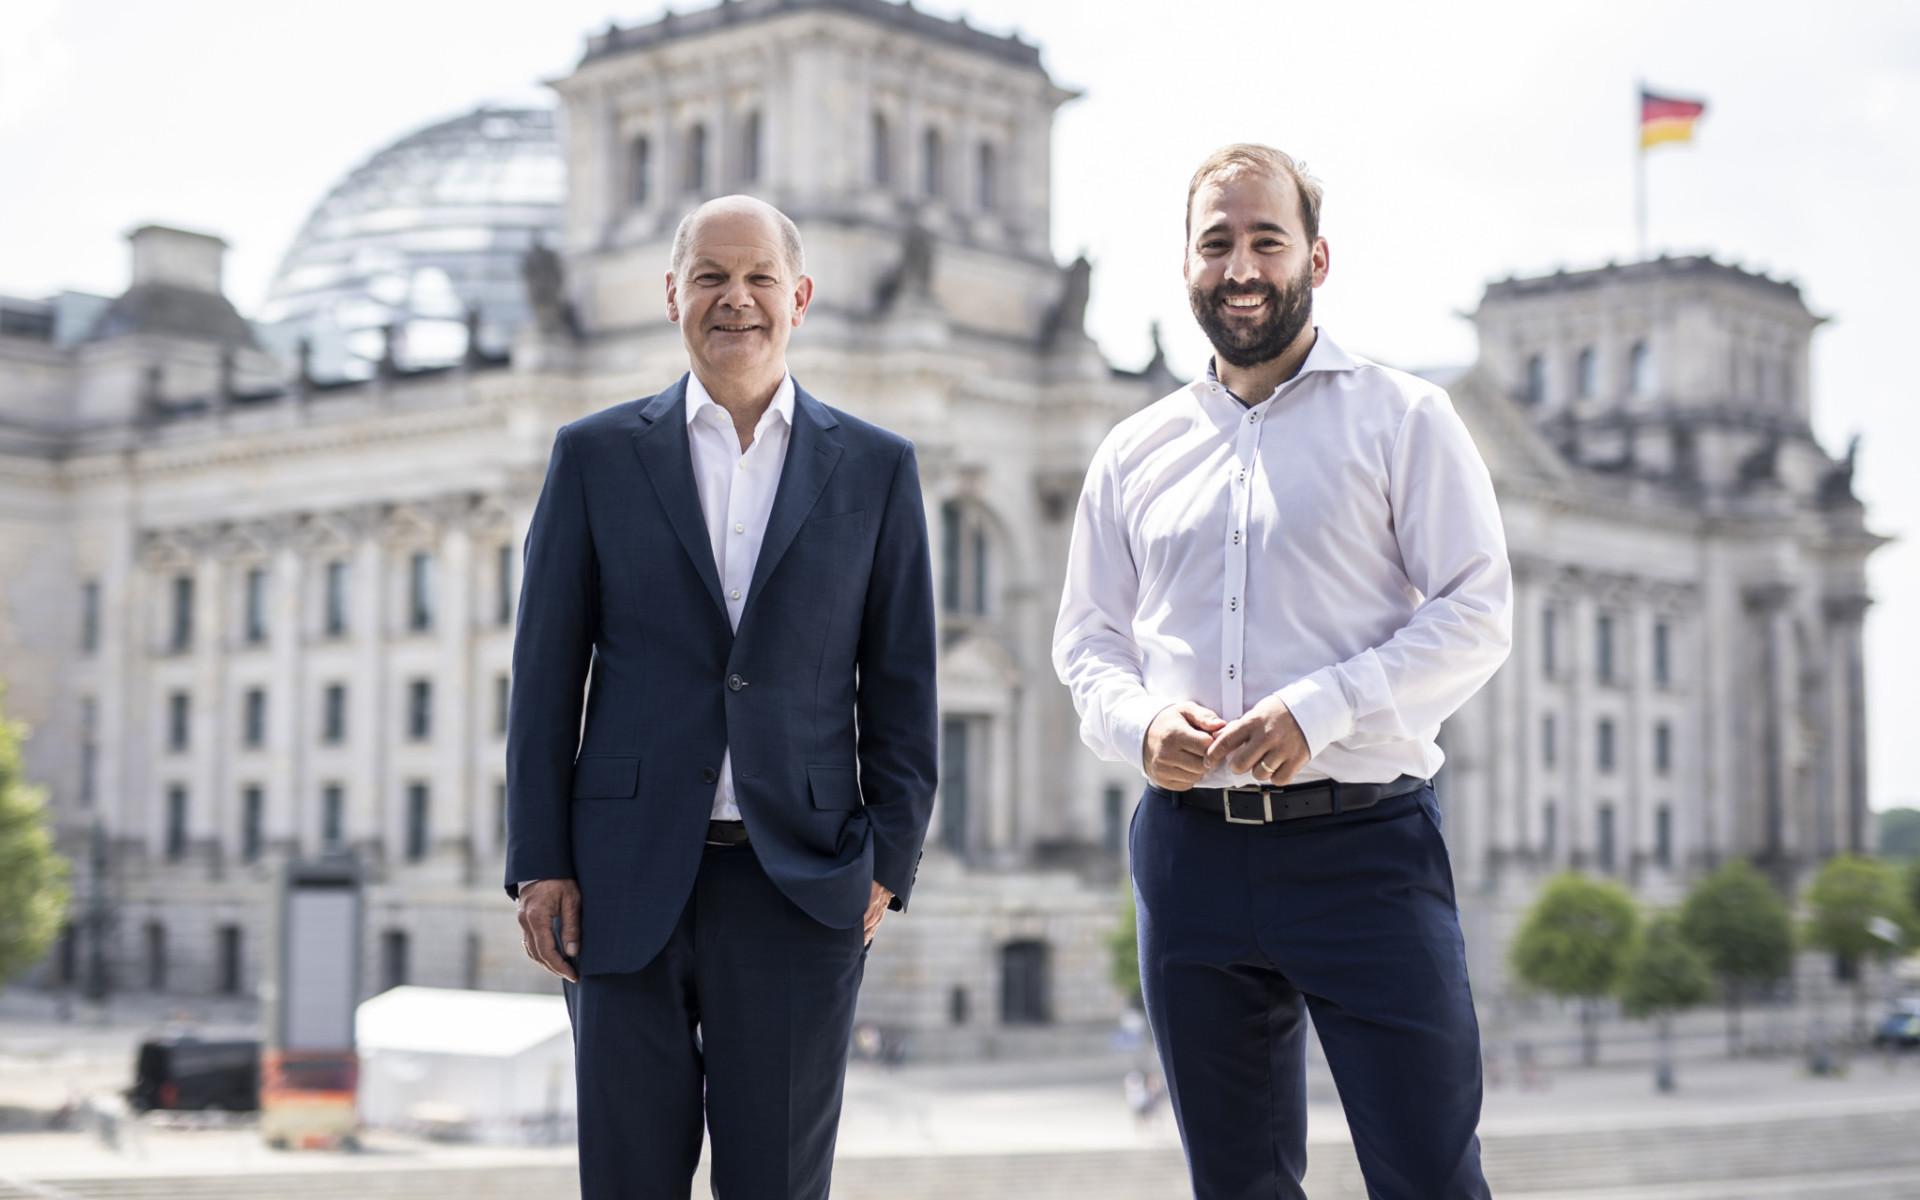 Bild mit Johannes Schraps und Olaf Scholz vorm Reichstag in Berlin